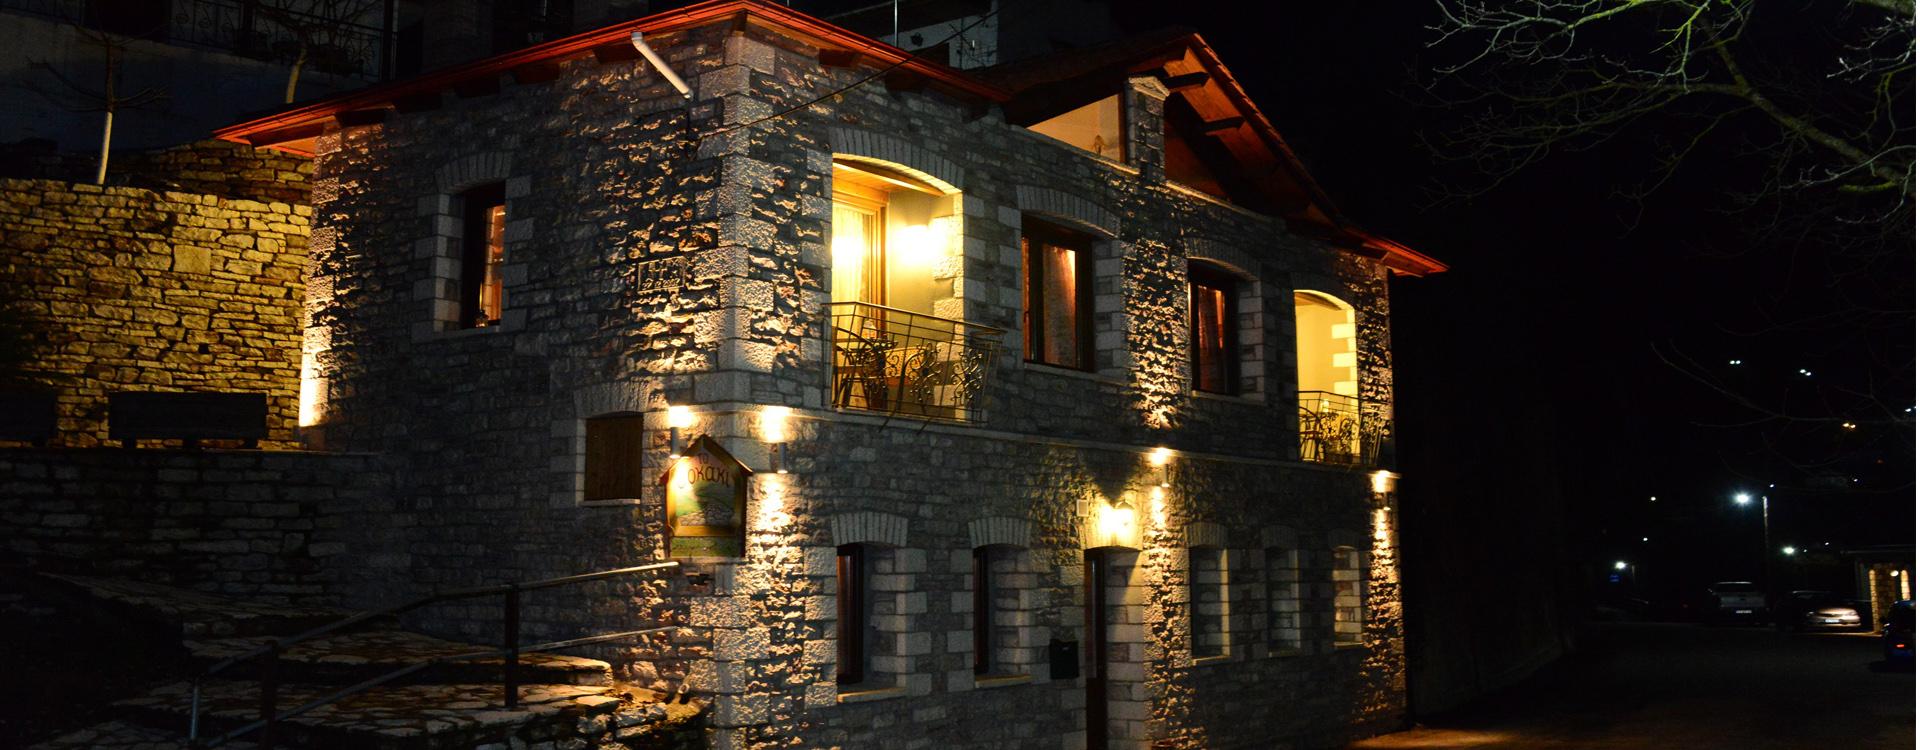 Το Sokaki Hotel είναι ένας πολυτελής πέτρινος ξενώνας με τζάκι και όμορφη θέα στο πανέμορφο Μεγάλο Χωριό!